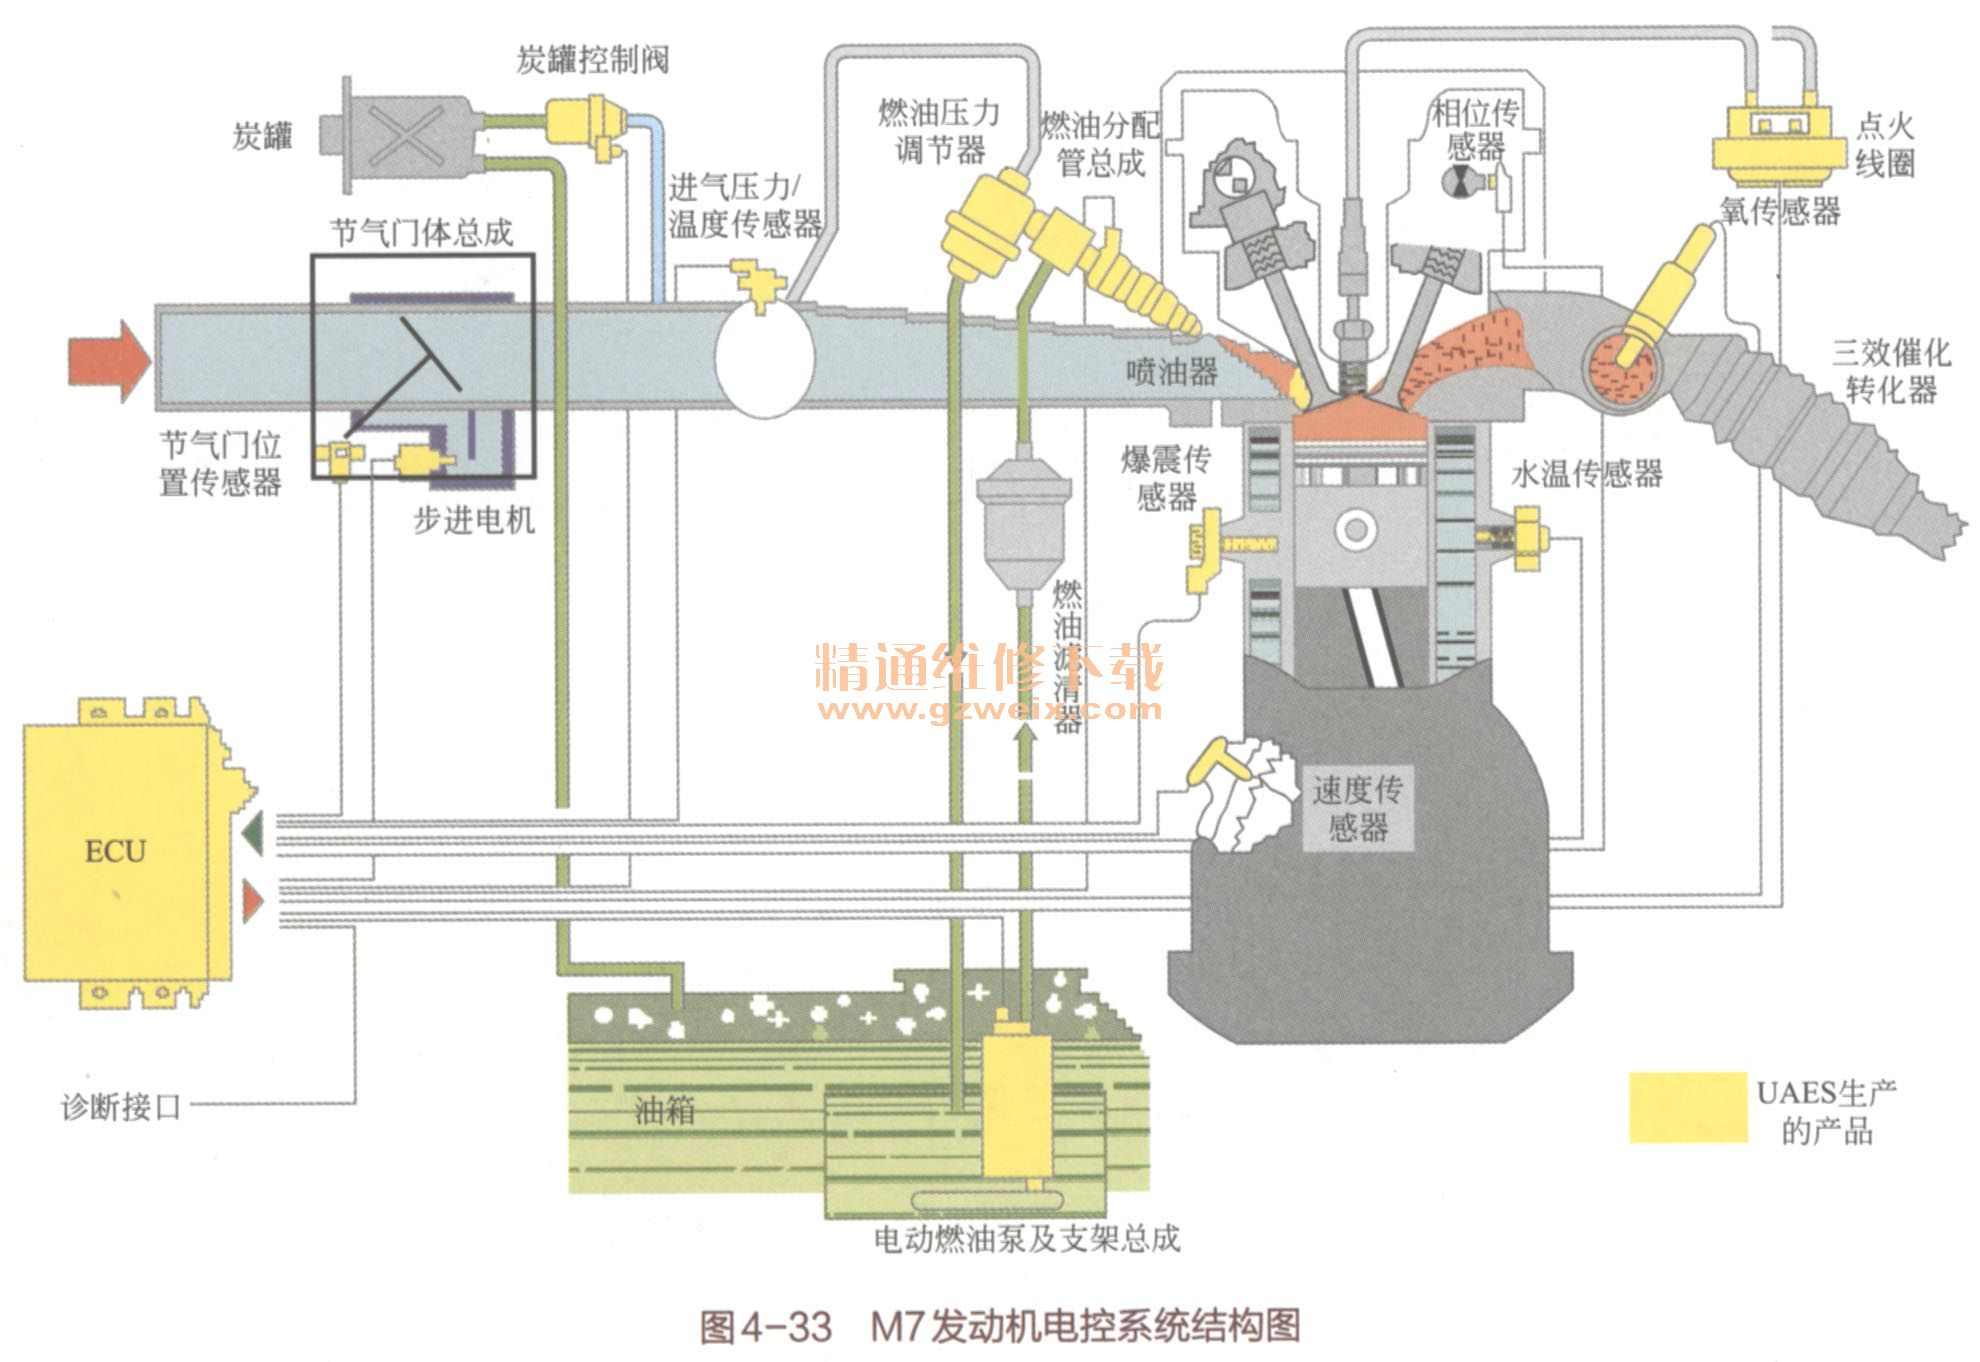 第四节 发动机电控系统 一、发动机电控系统概述 汽车电控技术的发展主要是指发动机电控技术的发展。随着发动机电控技术的发展,发动机上越来越多的系统被发动机电控单元控制,发动机电控系统的电路也变得越来越复杂,有时需要几张图才能把整个控制系统电路表达出来,给读懂电路图增加了困难。 发动机电控系统的电路虽然庞大复杂,但是却有规律可循。发动机电控系统电路依照各控制系统的功能不同可把电路图分为点火系统、启动充电系统、怠速控制系统、进气控制系统和废气排放控制系统等几个子系统电路。各子系统里的电路又可根据元器件的功能不同